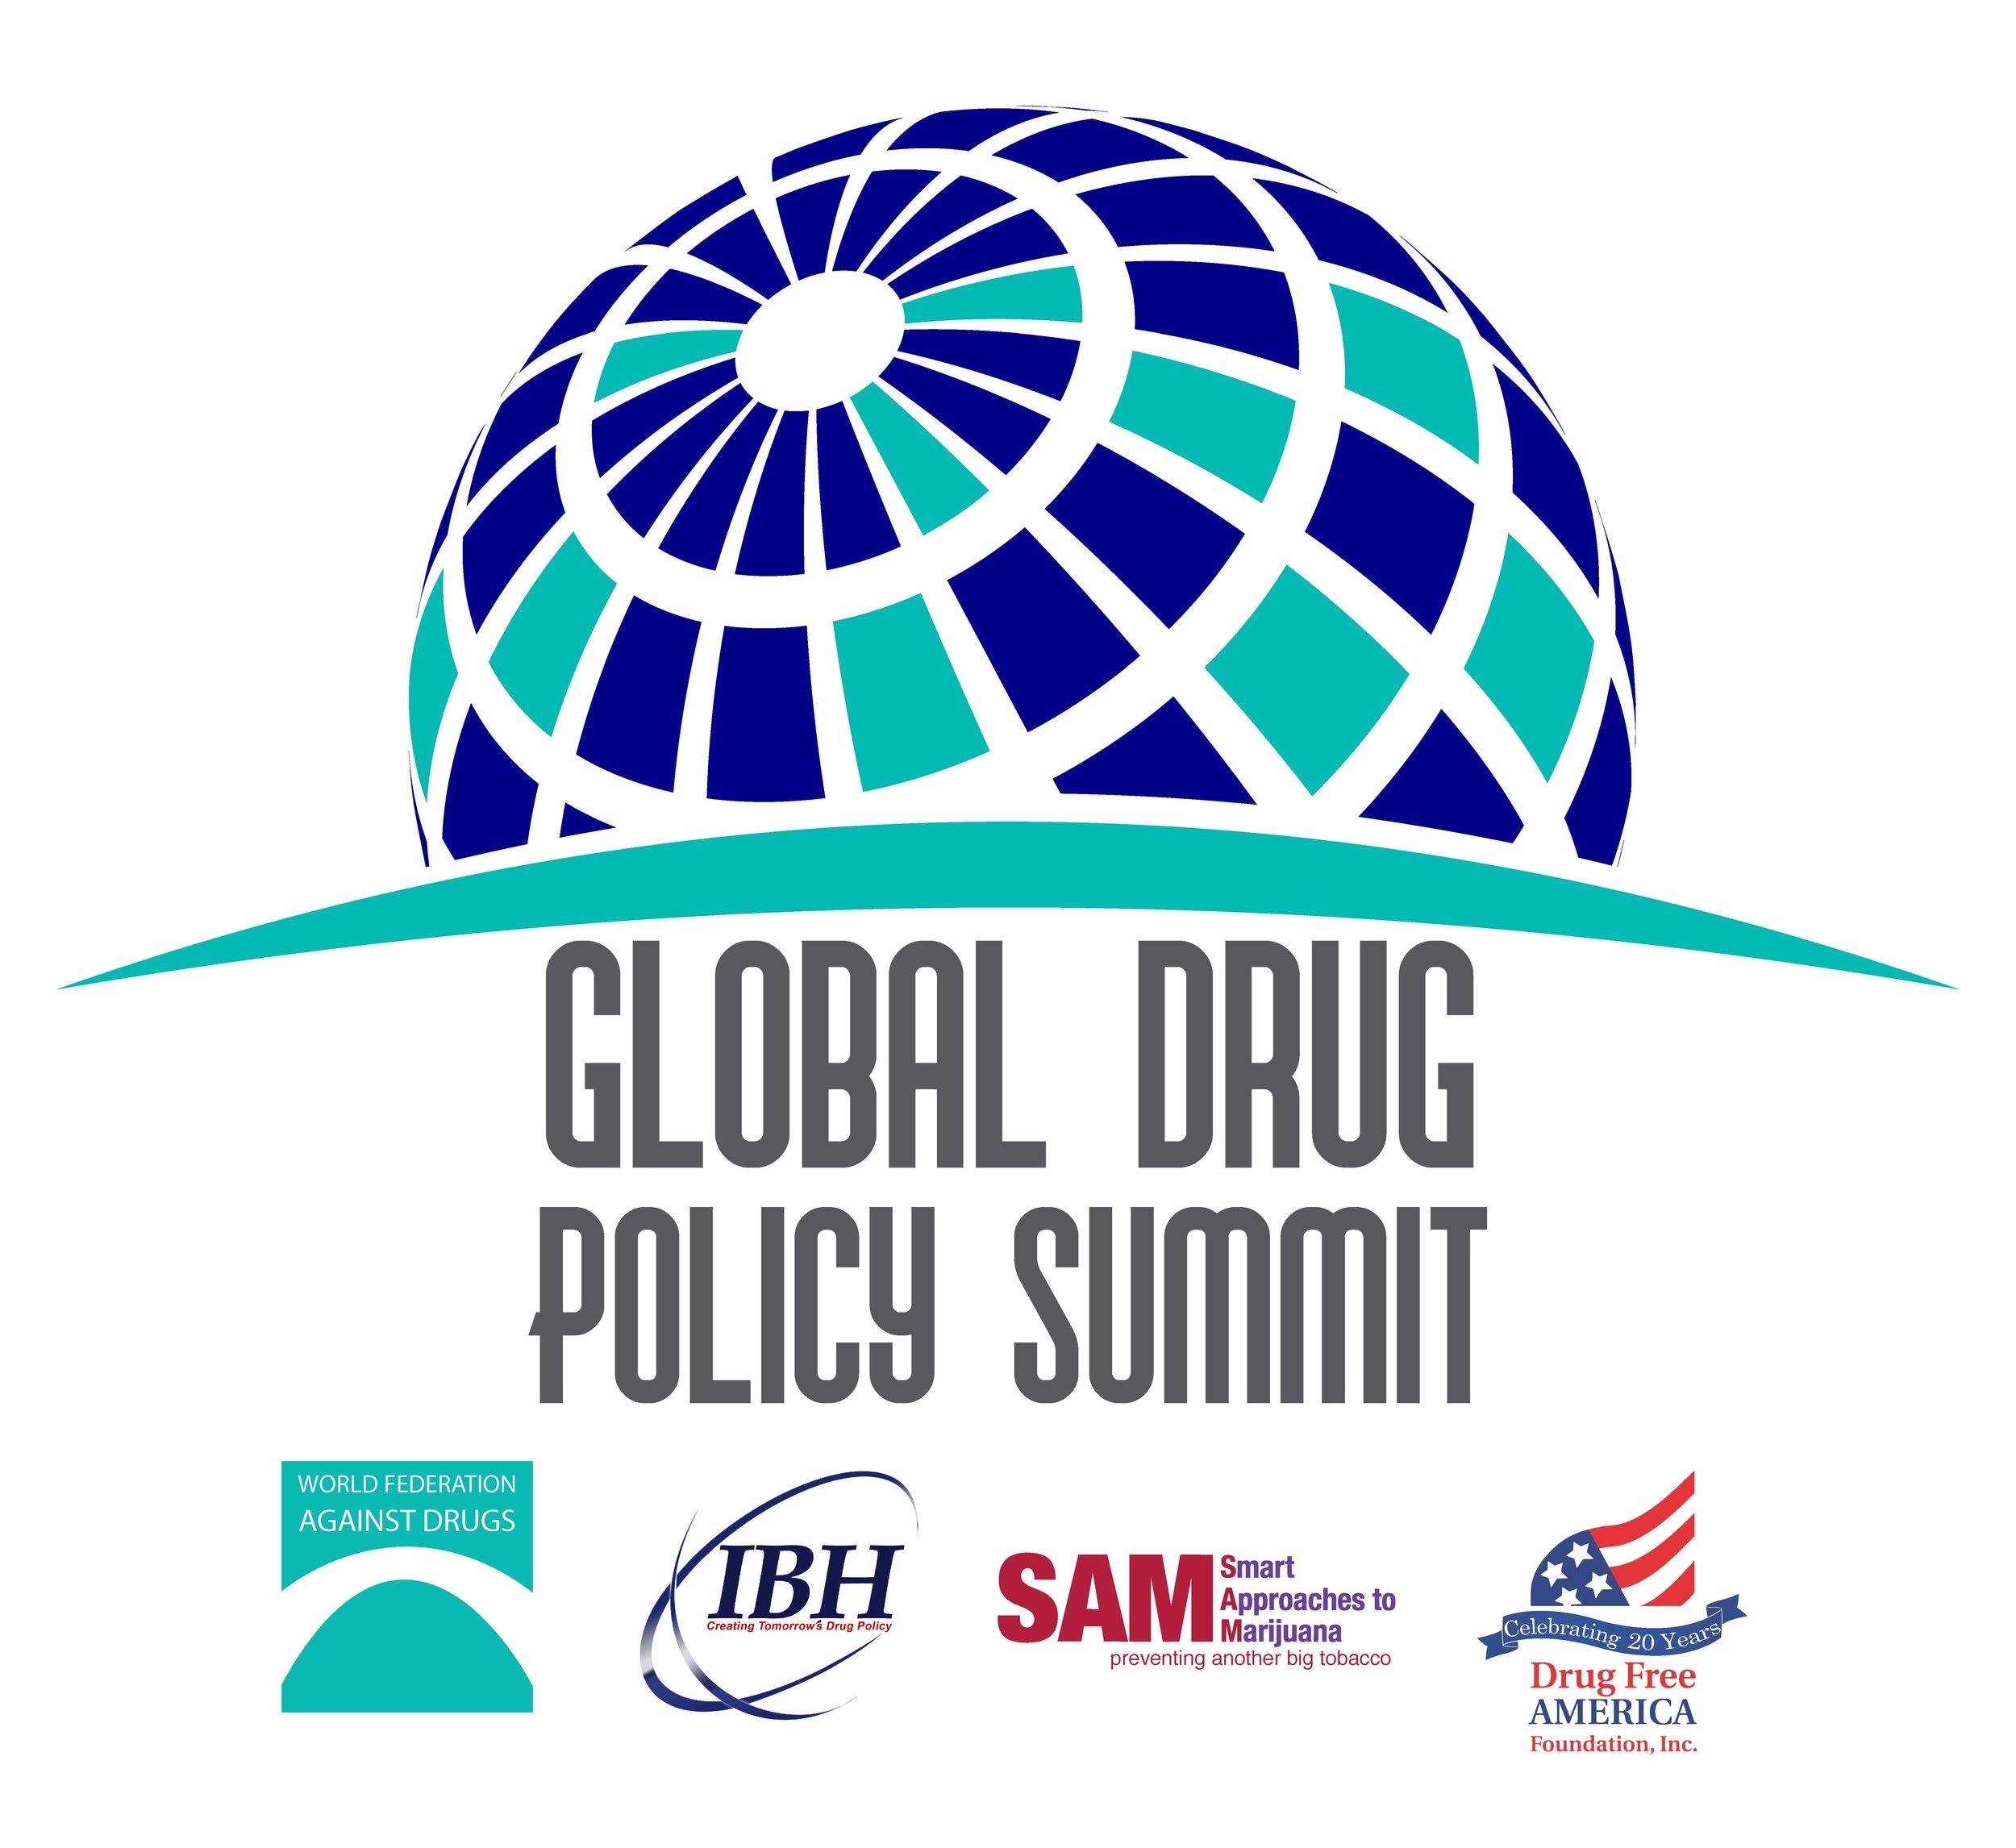 Global Drug Policy Summit Logo.jpg